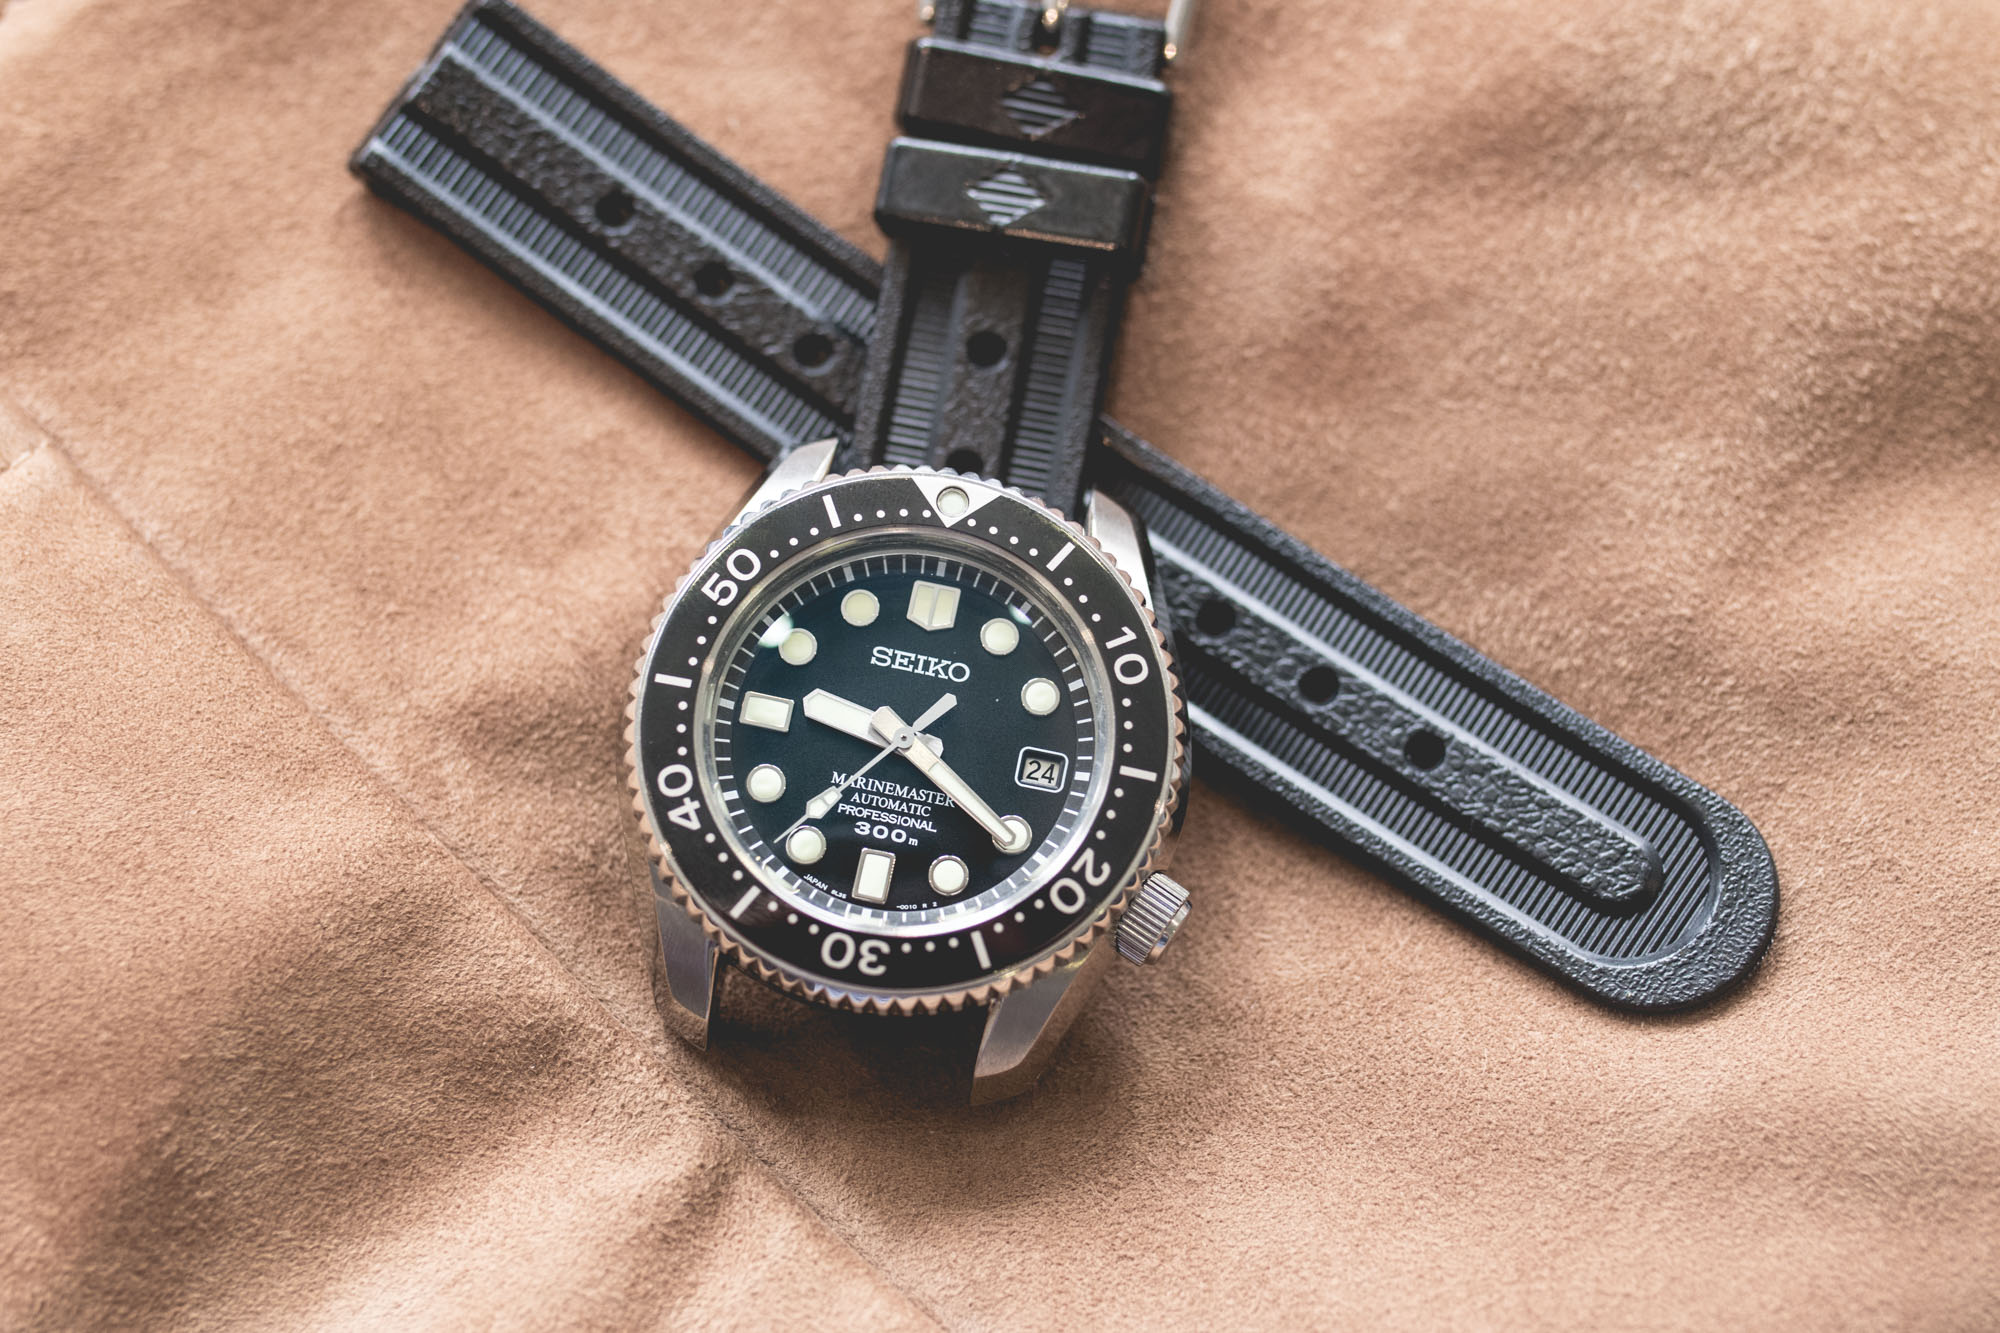 Seiko - Bracelets en caoutchouc historiques - XGL-731